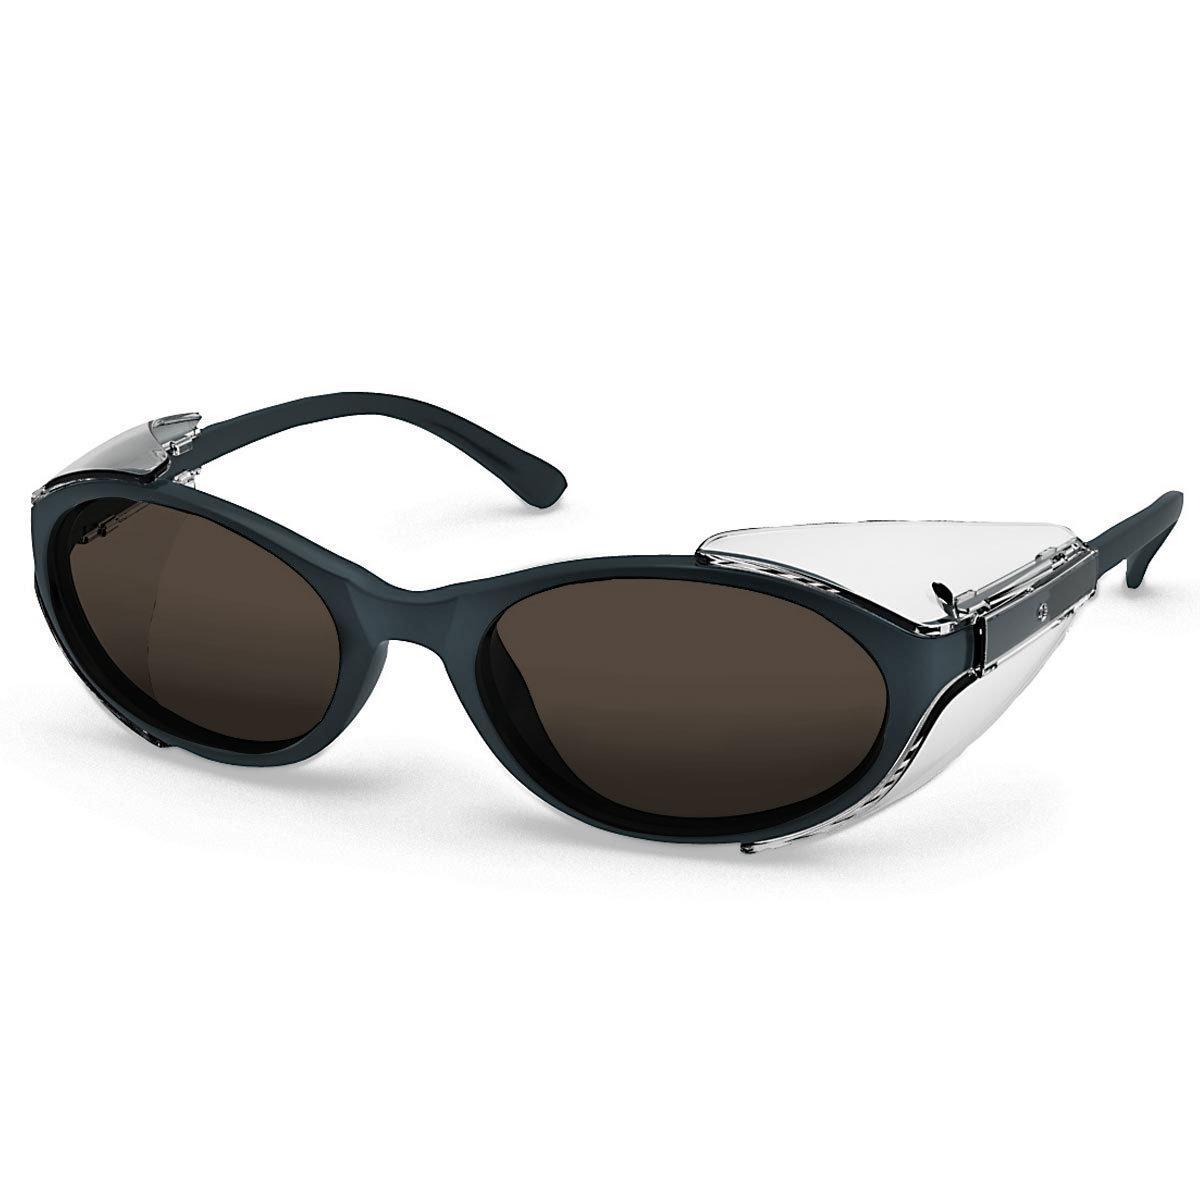 Uvex Korrektionsschutzbrille RX 5504 - braun getönt